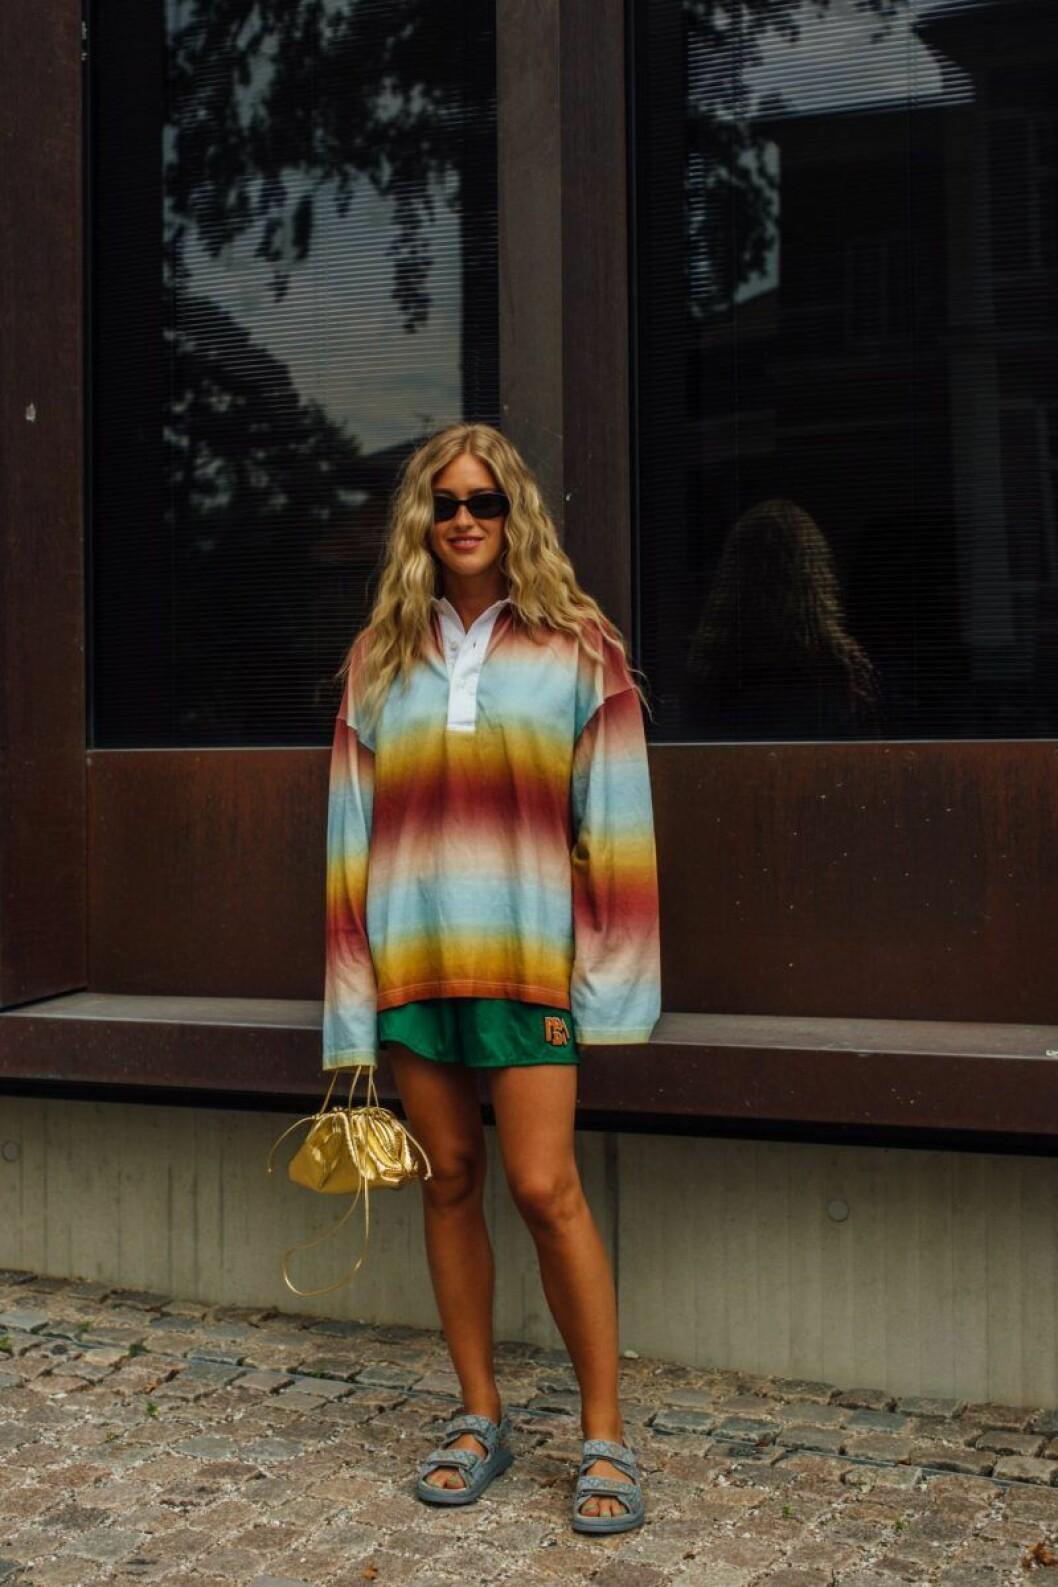 Emili Sindlev ger färg- och mönsterinspiration!